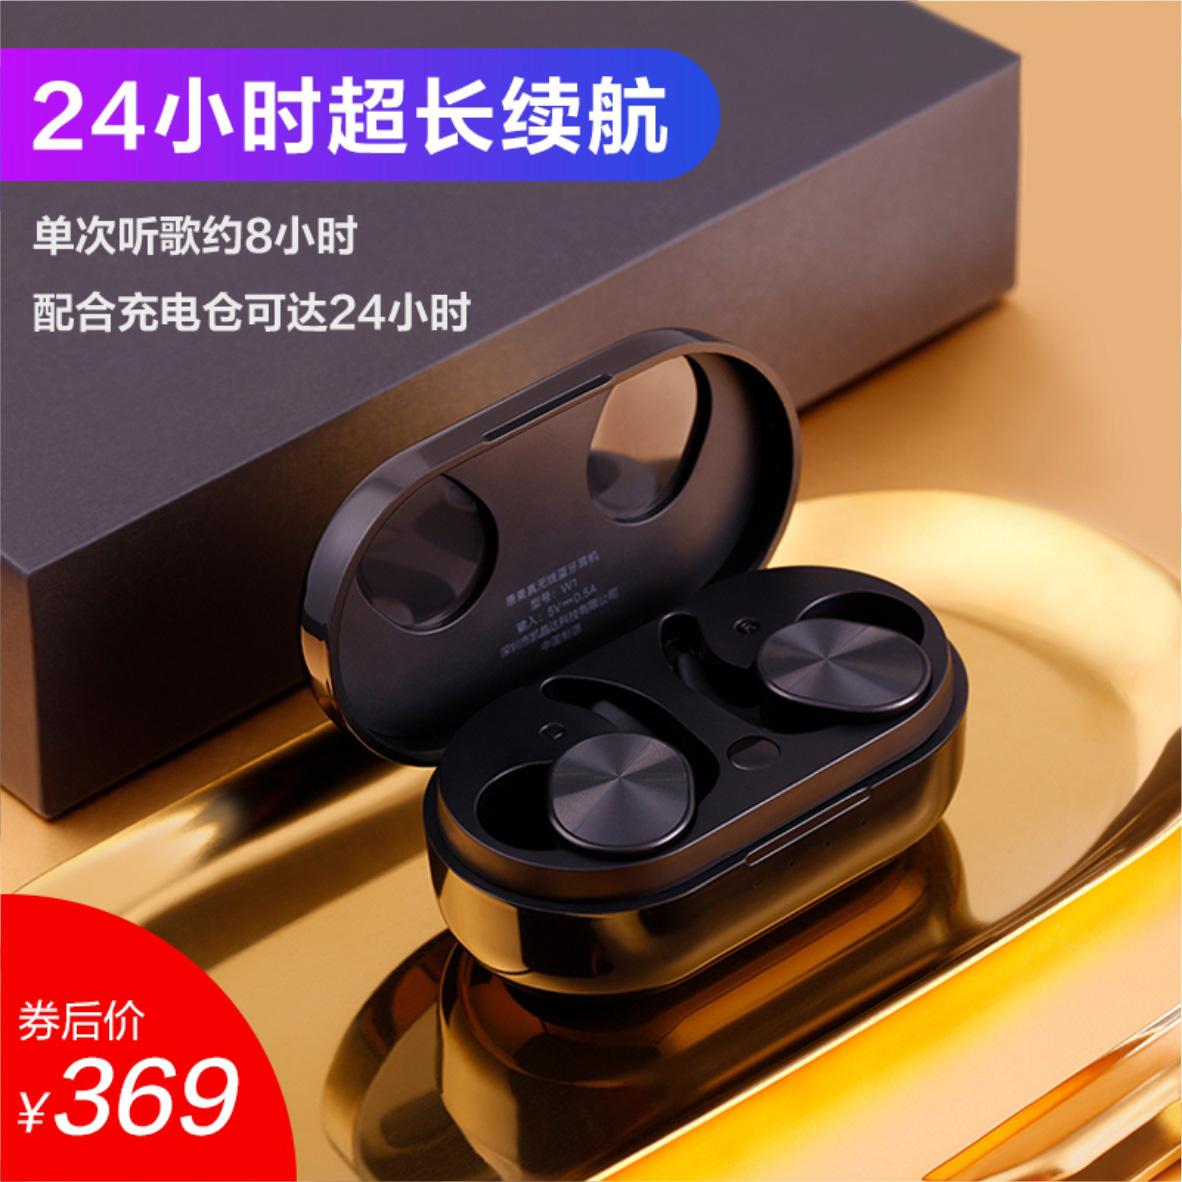 唐麦w1真耳机苹果华为oppo小米vivo10-16新券